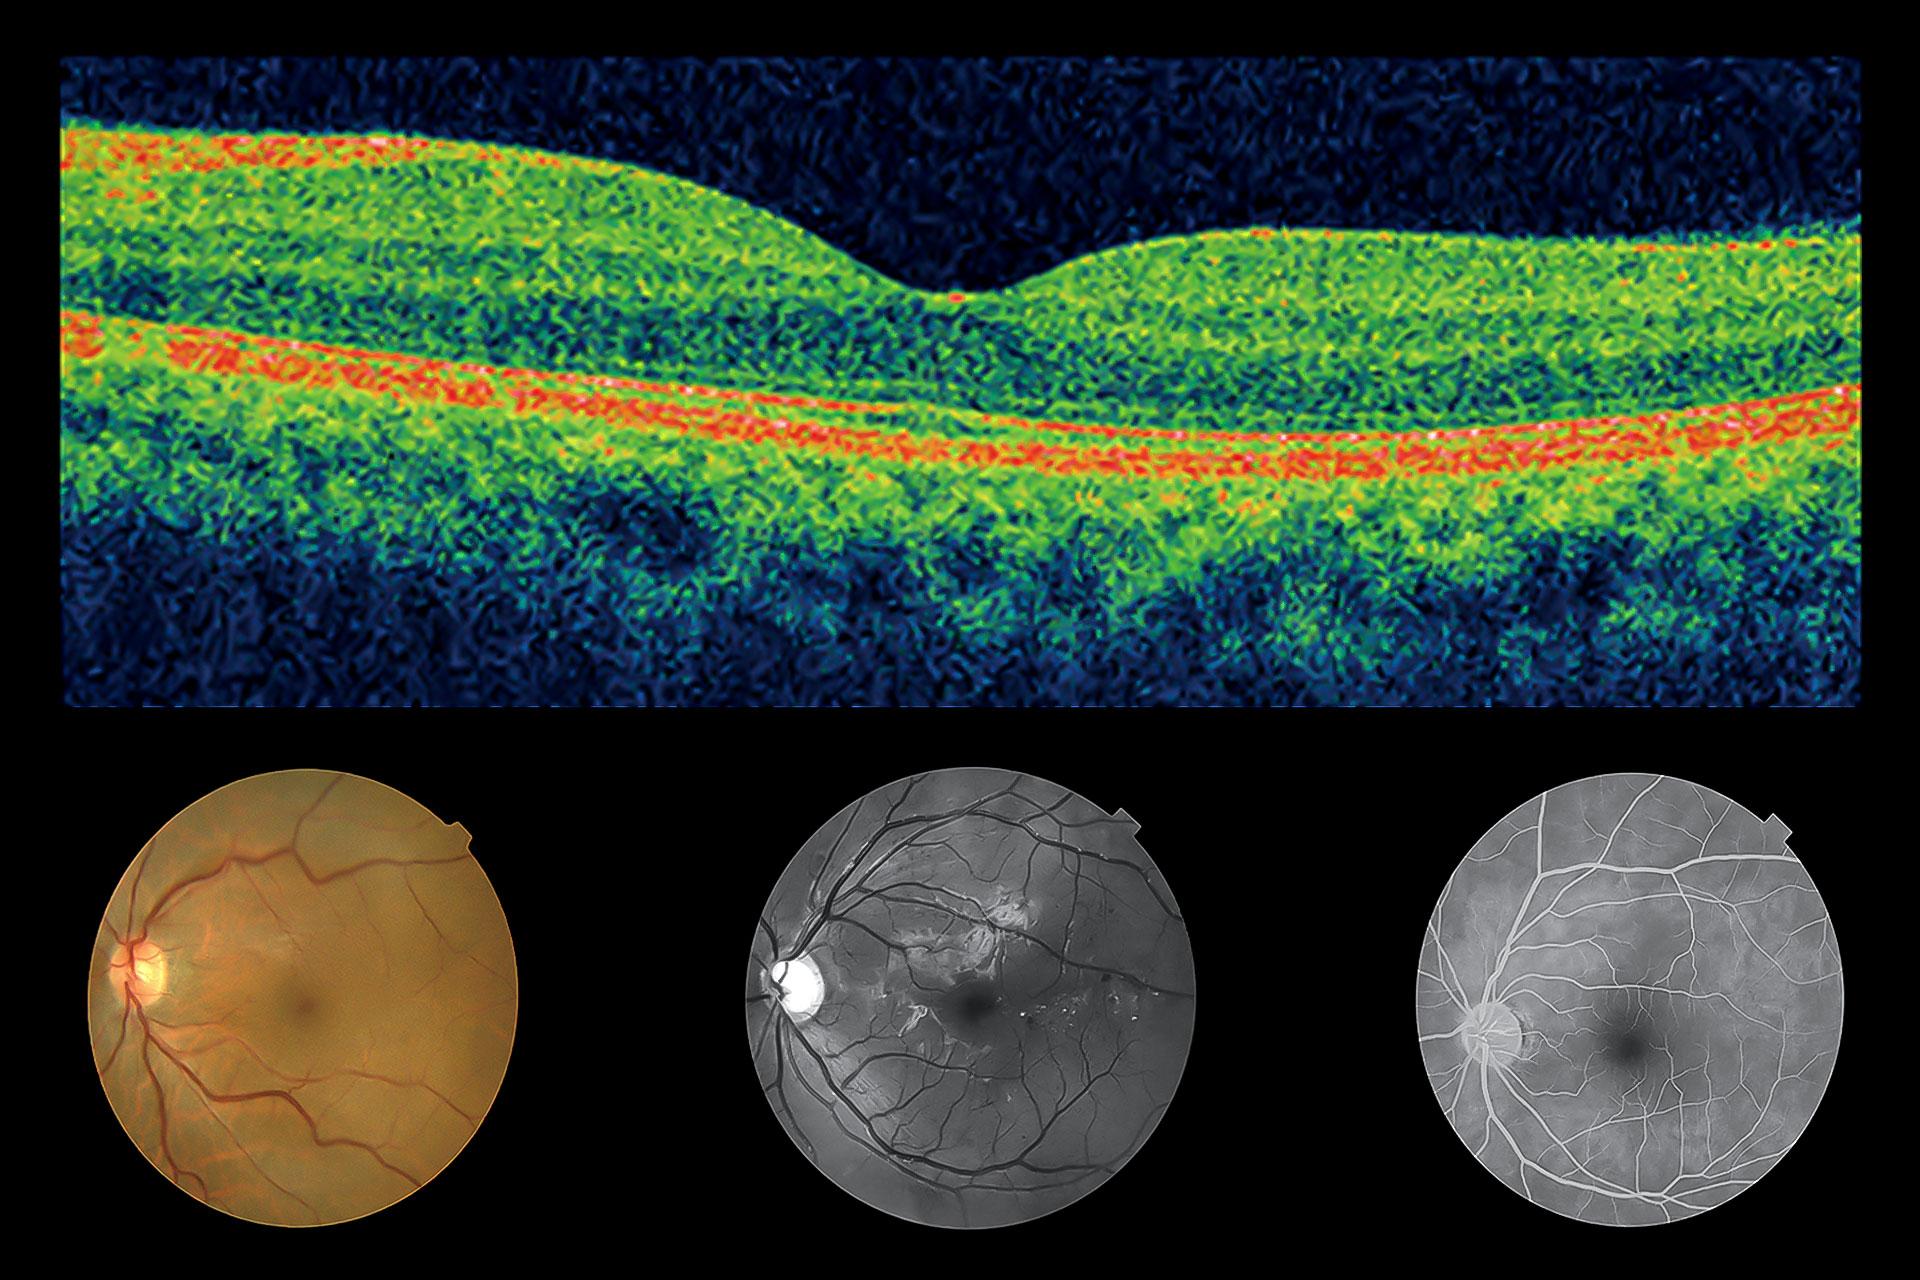 Diabetes Diagnose - Bildquelle: TOPCON Deutschland Medical GmbH (überarbeitet)